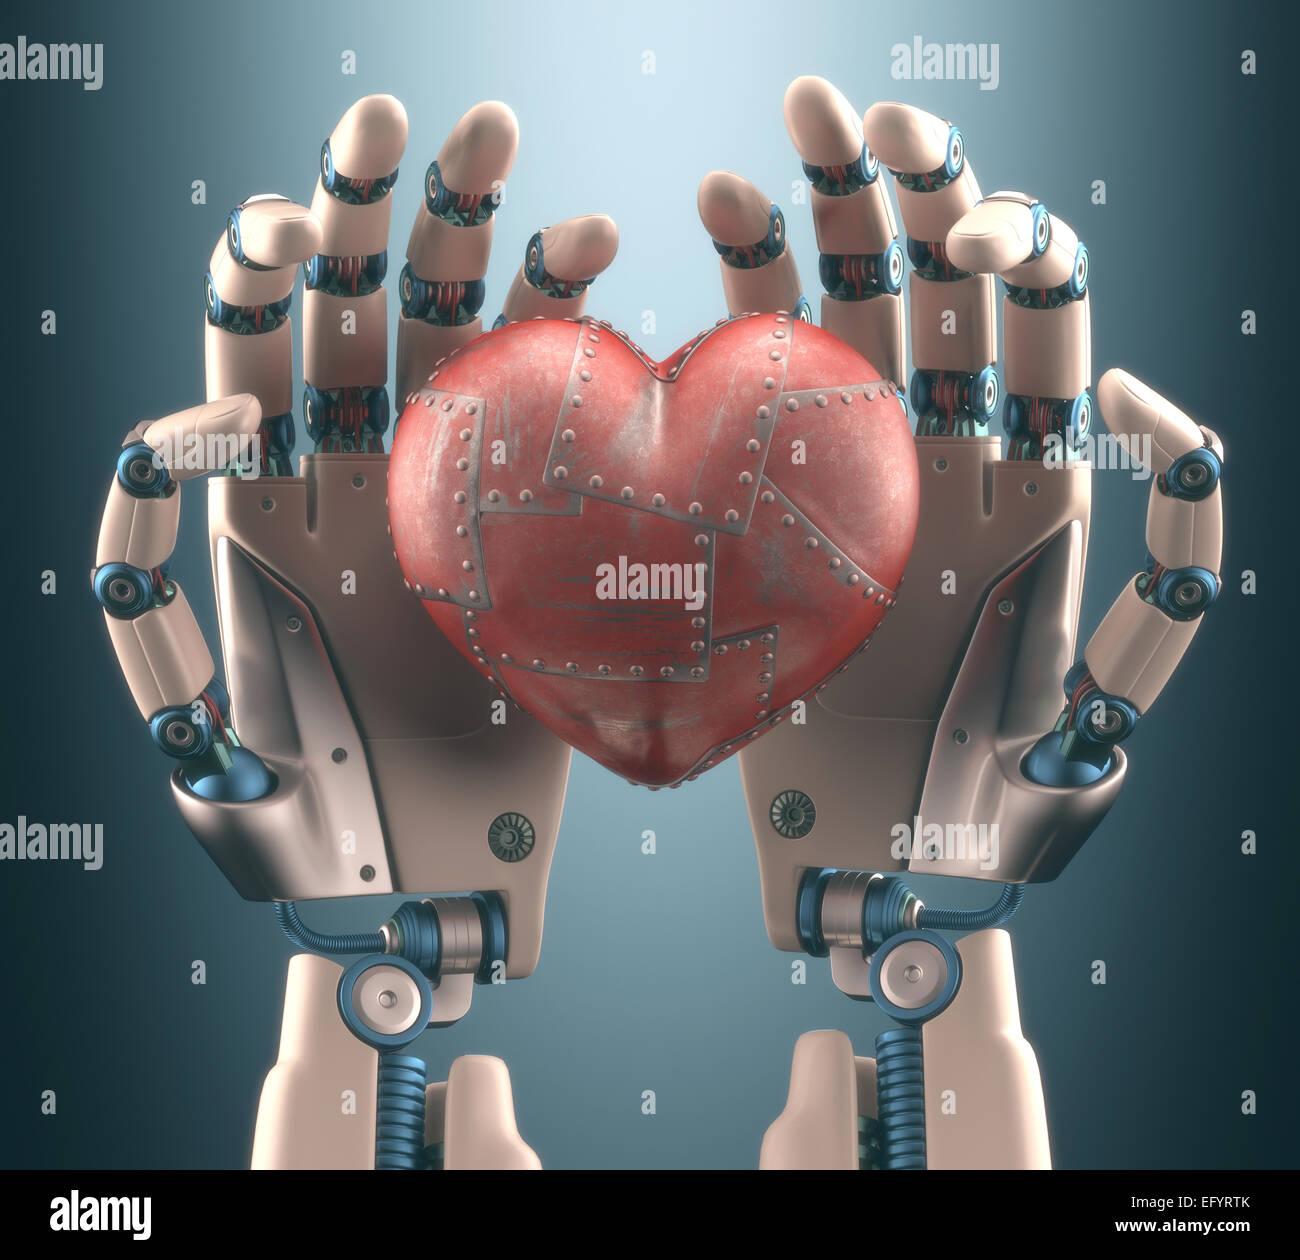 Robot mano sujetando un corazón de metal. Trazado de recorte incluido. Imagen De Stock